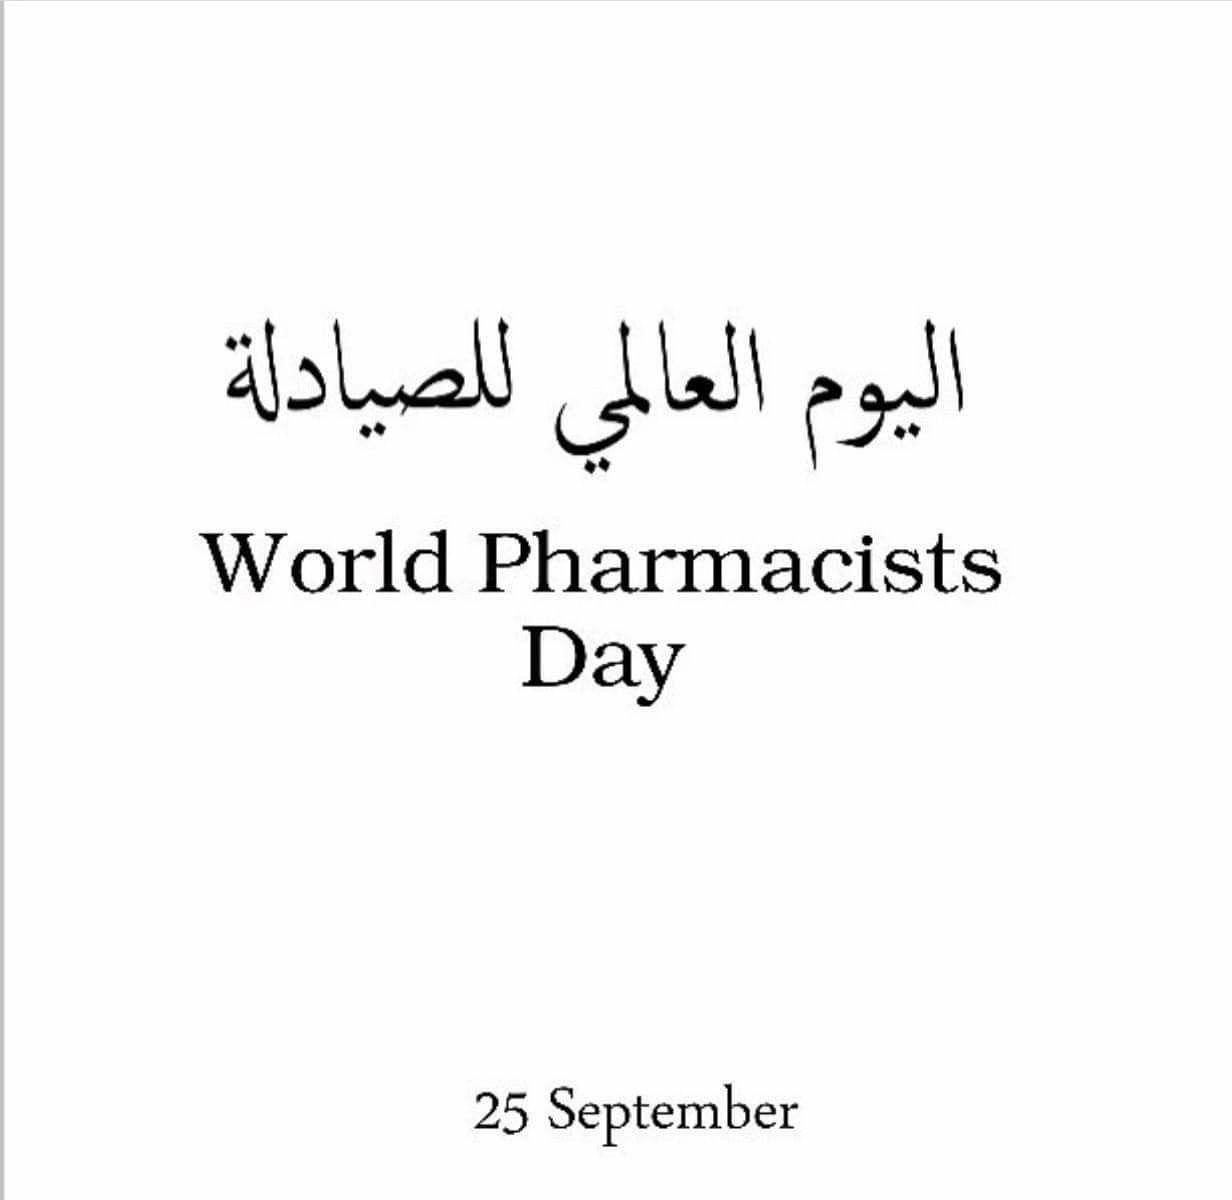 اليوم العالمي للصيادلة ٢٥ سبتمبر من كل عام World Pharmacists Day الهيئة العليا للأدوية والمستلزمات الطبية World Pharmacist Day World Pharmacist